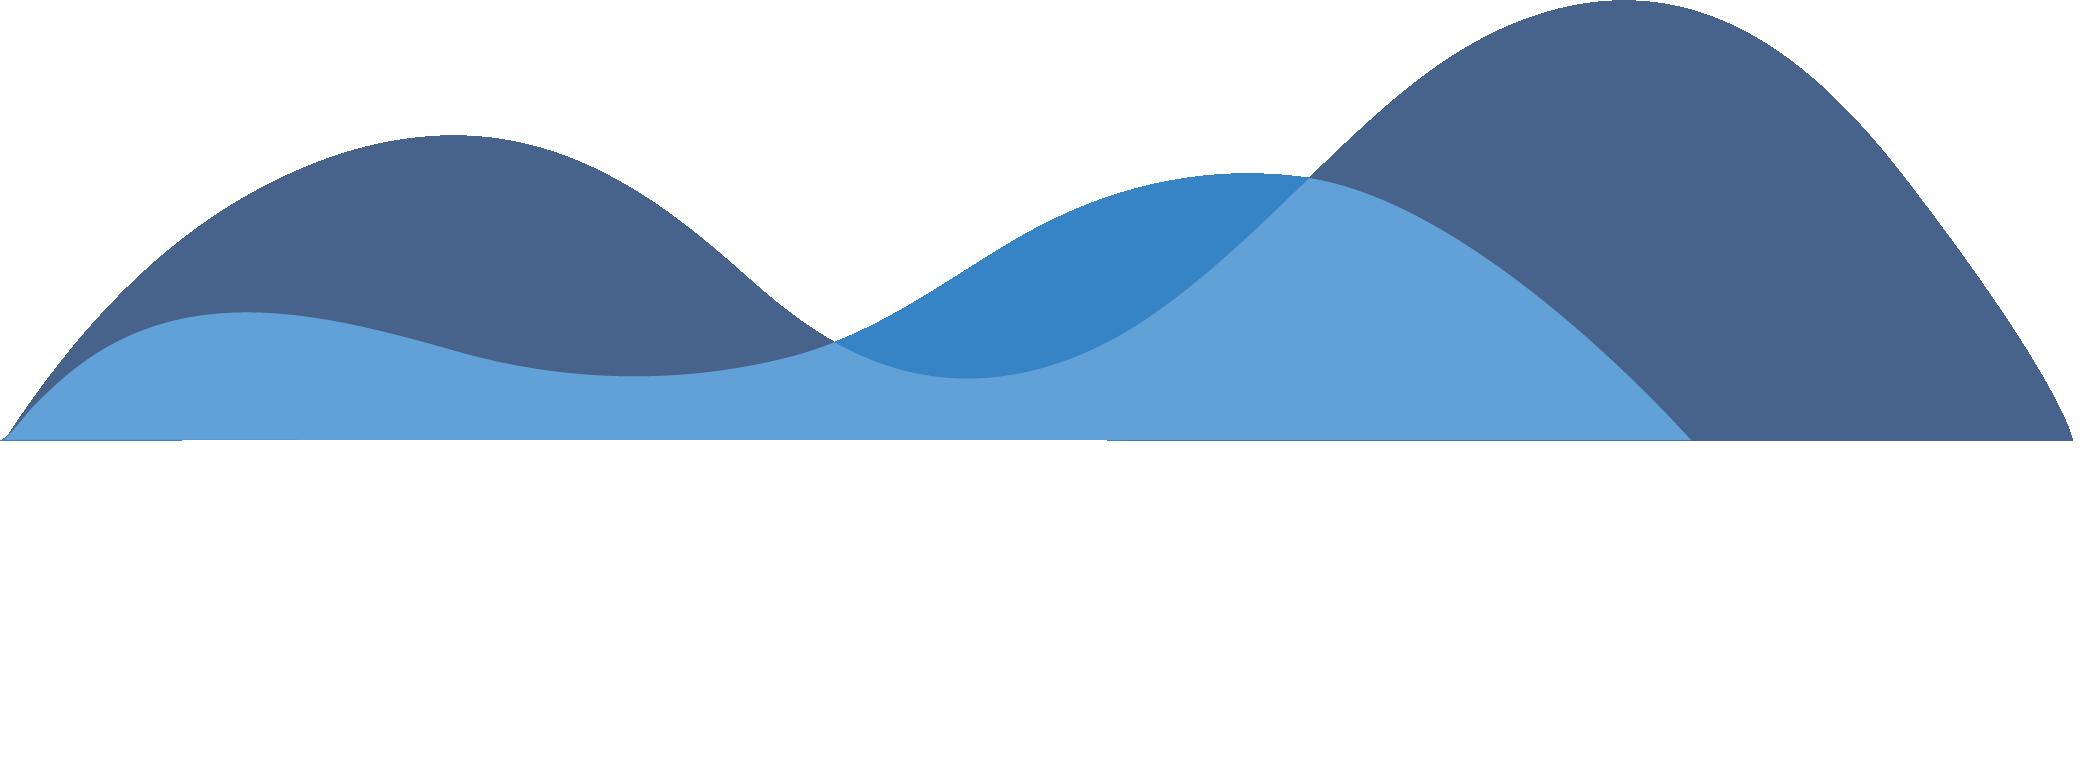 Analytics_That_Profit_